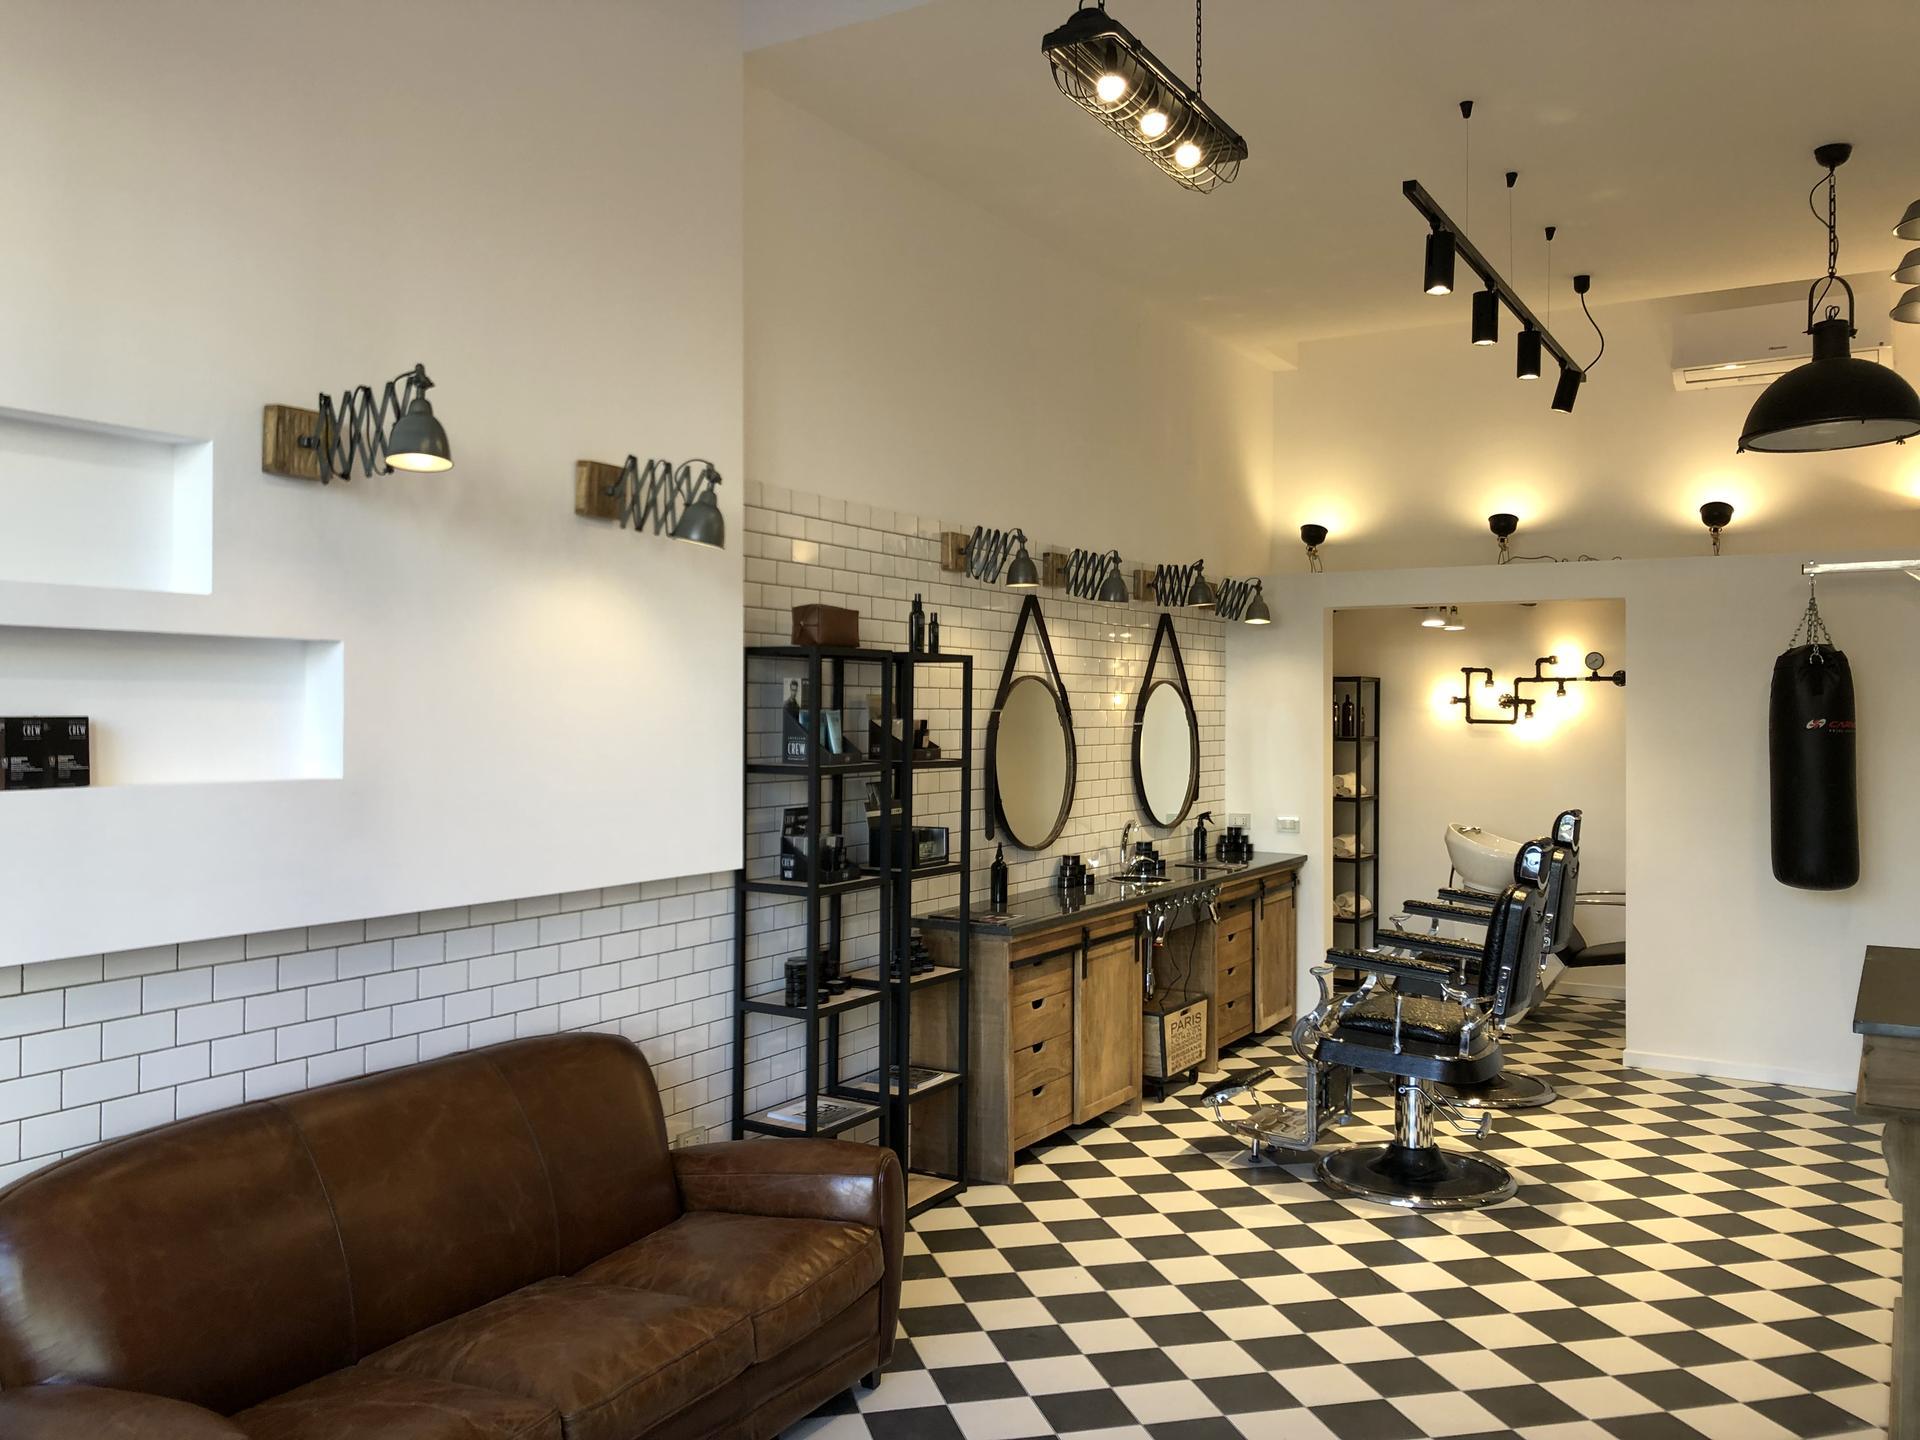 Fliesen Im VintageStil Für Den Barbershop In Tarent Marazzi - Fliesen vintage stil